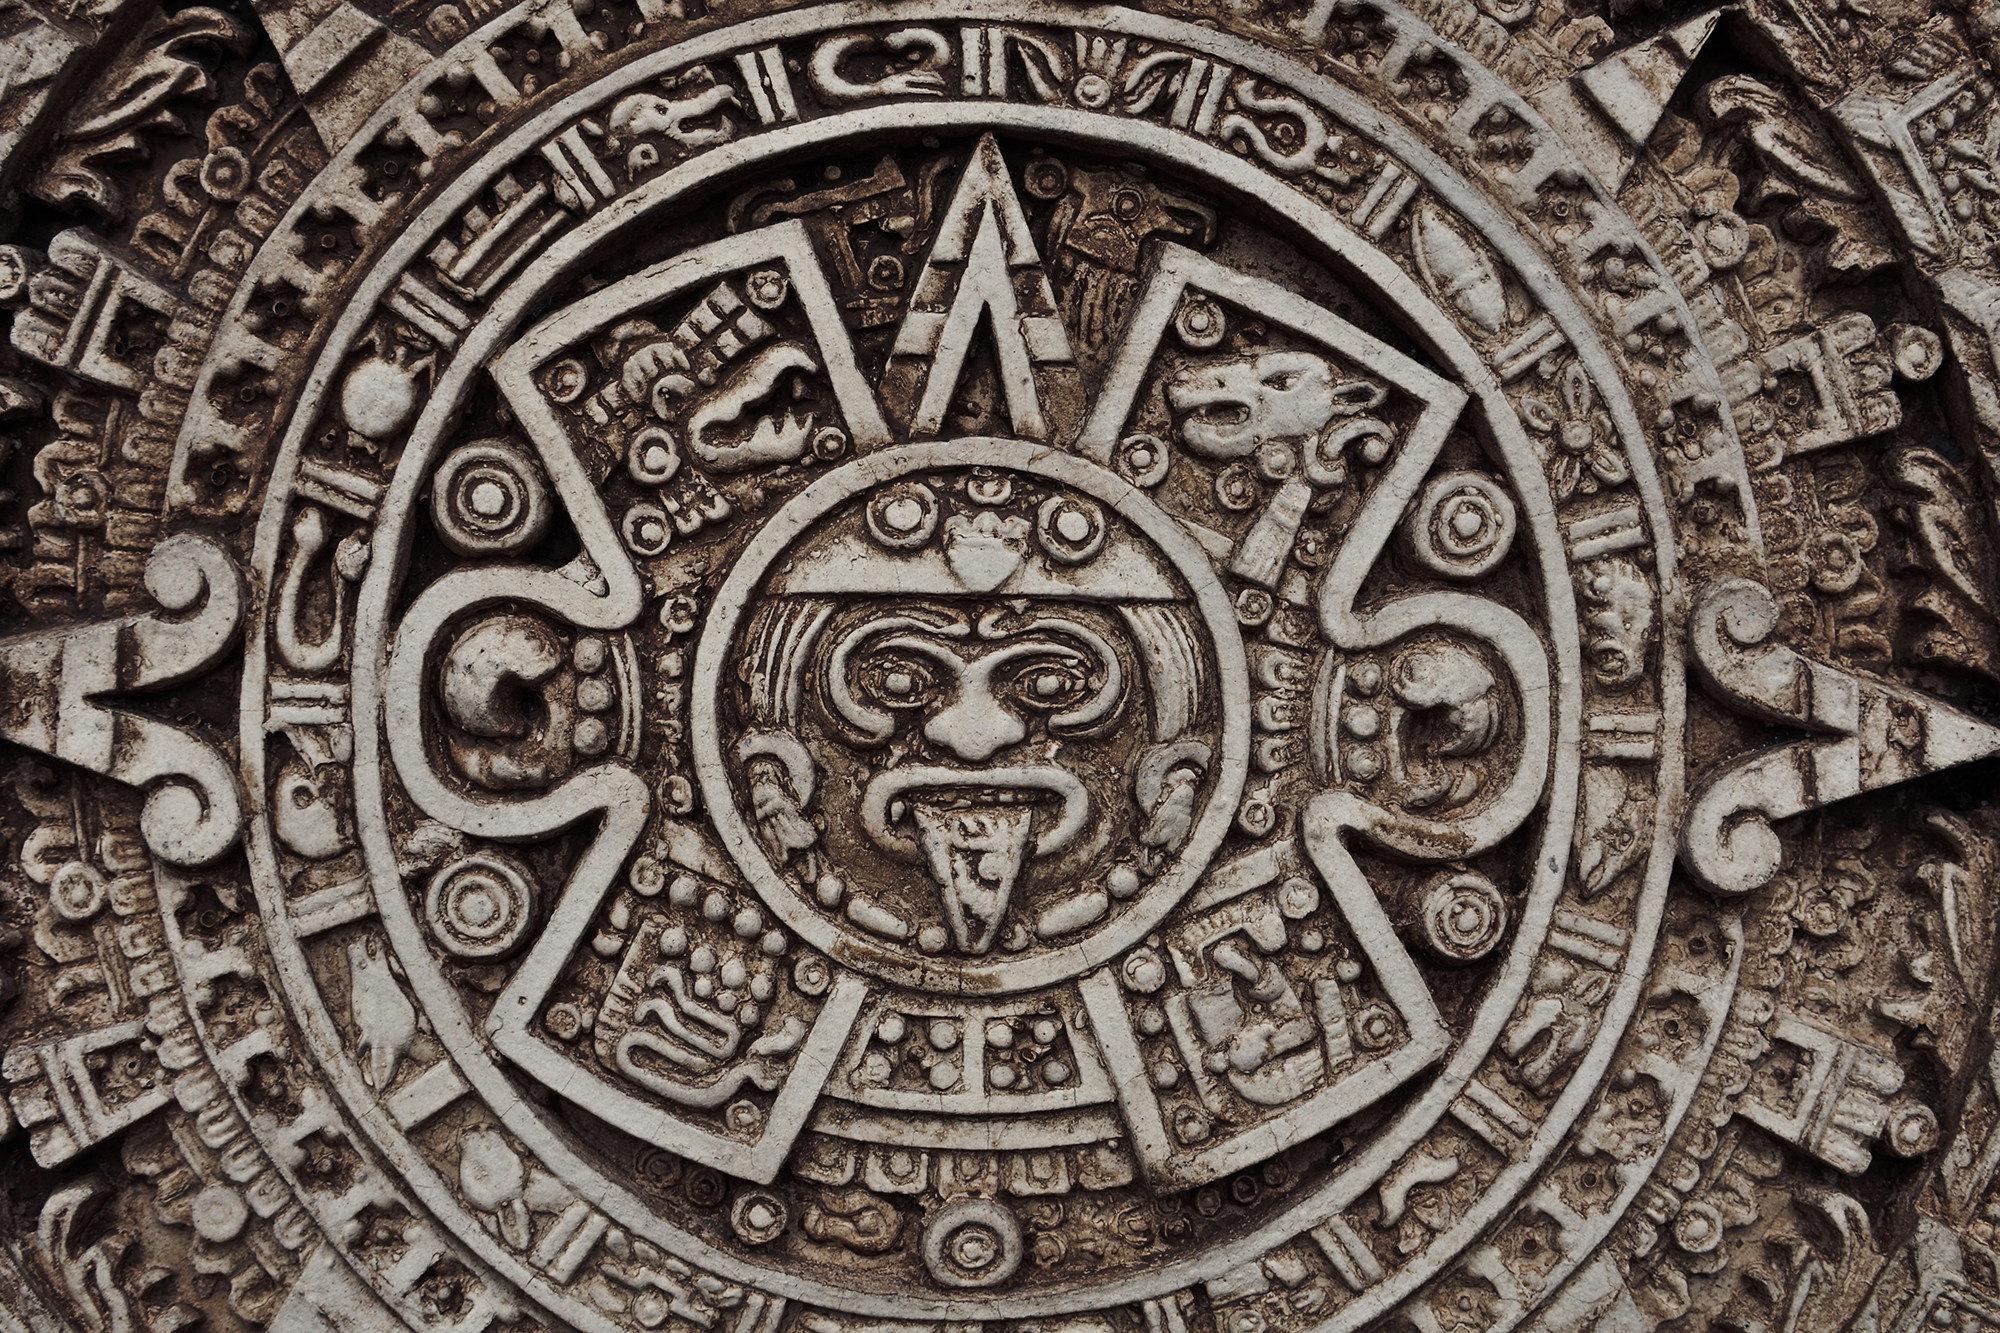 瑪雅預言「世界末日」其實是2020年 專家:準確來說是這週